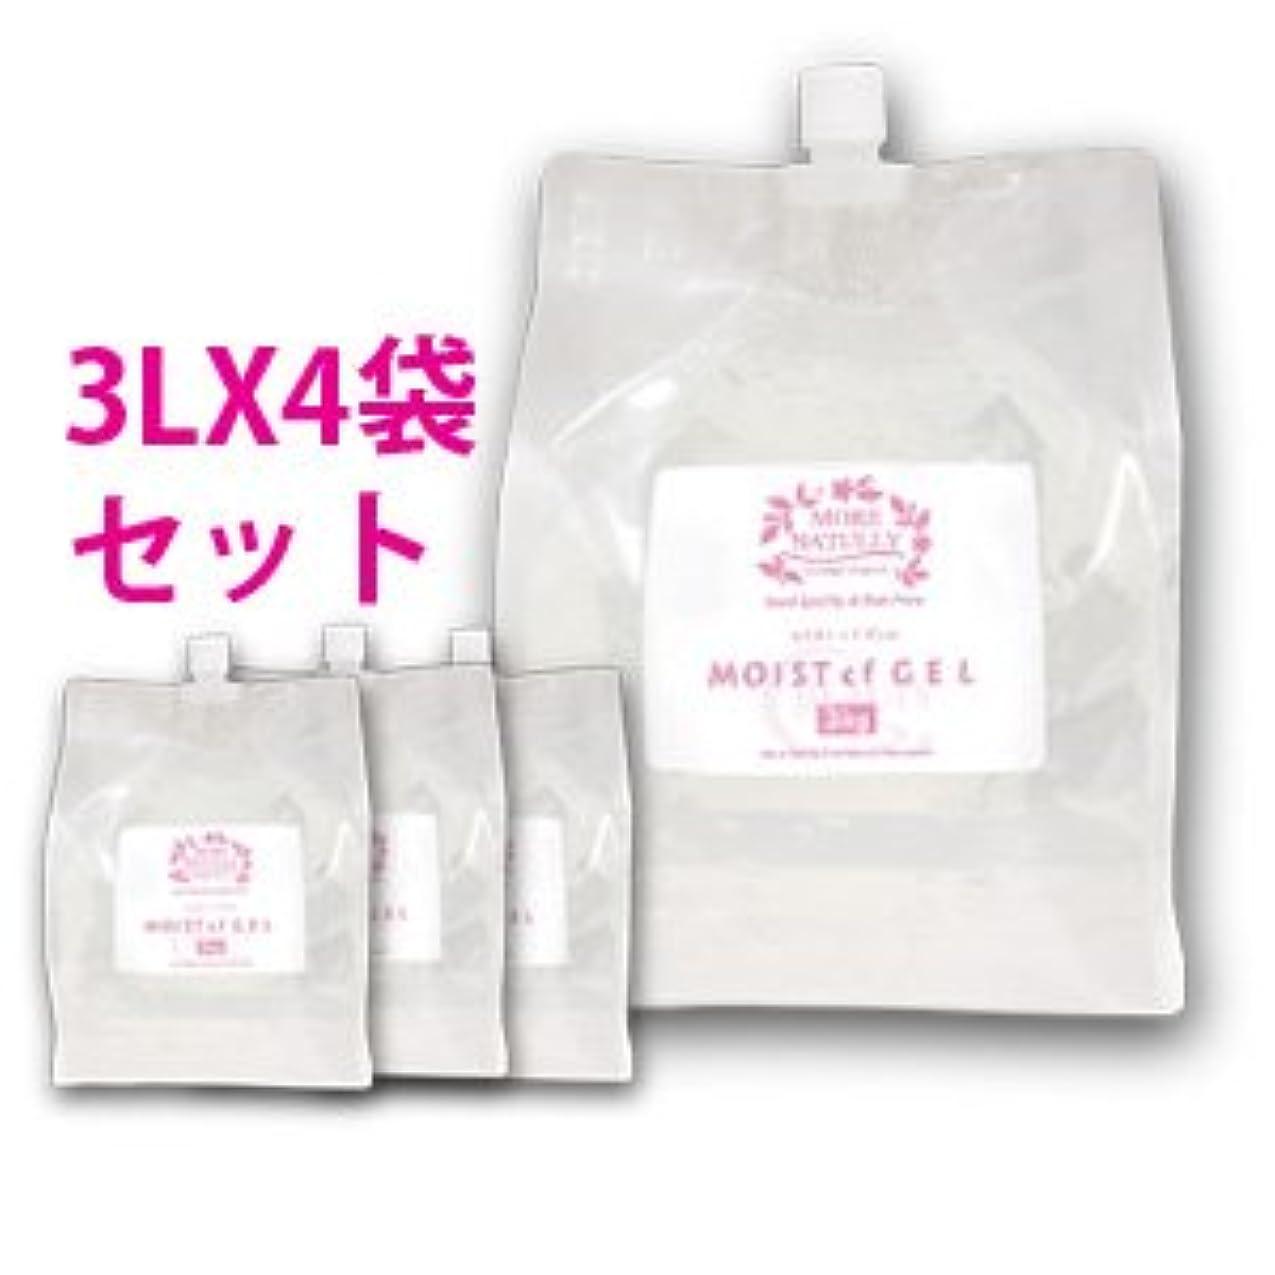 トランクライブラリアウトドアパウダーモアナチュリー モイストcfジェル 4袋セット 3kg×4袋